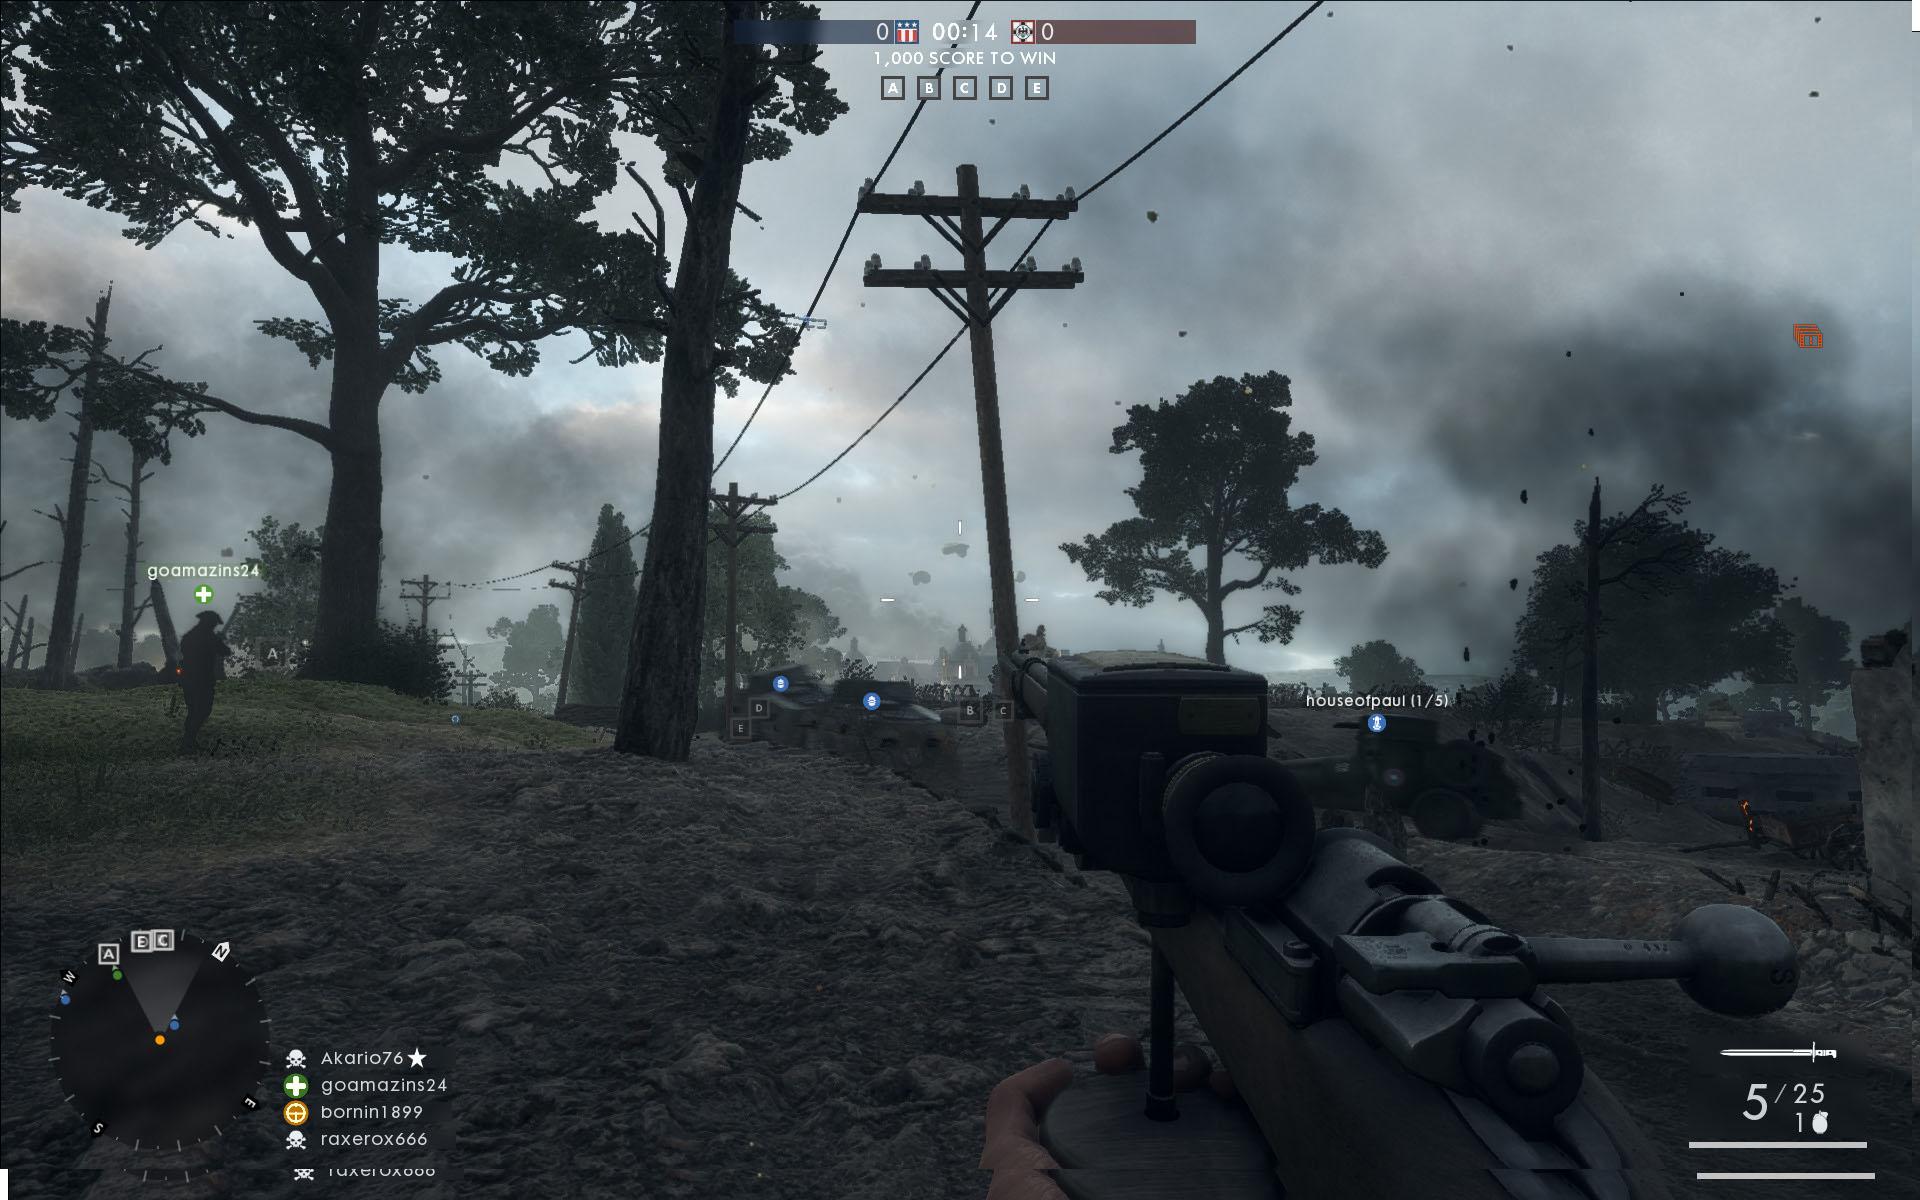 Battlefield 1 Gewehr 98 Best Sniper Rifle Bf1 Sniper - EpicGaming